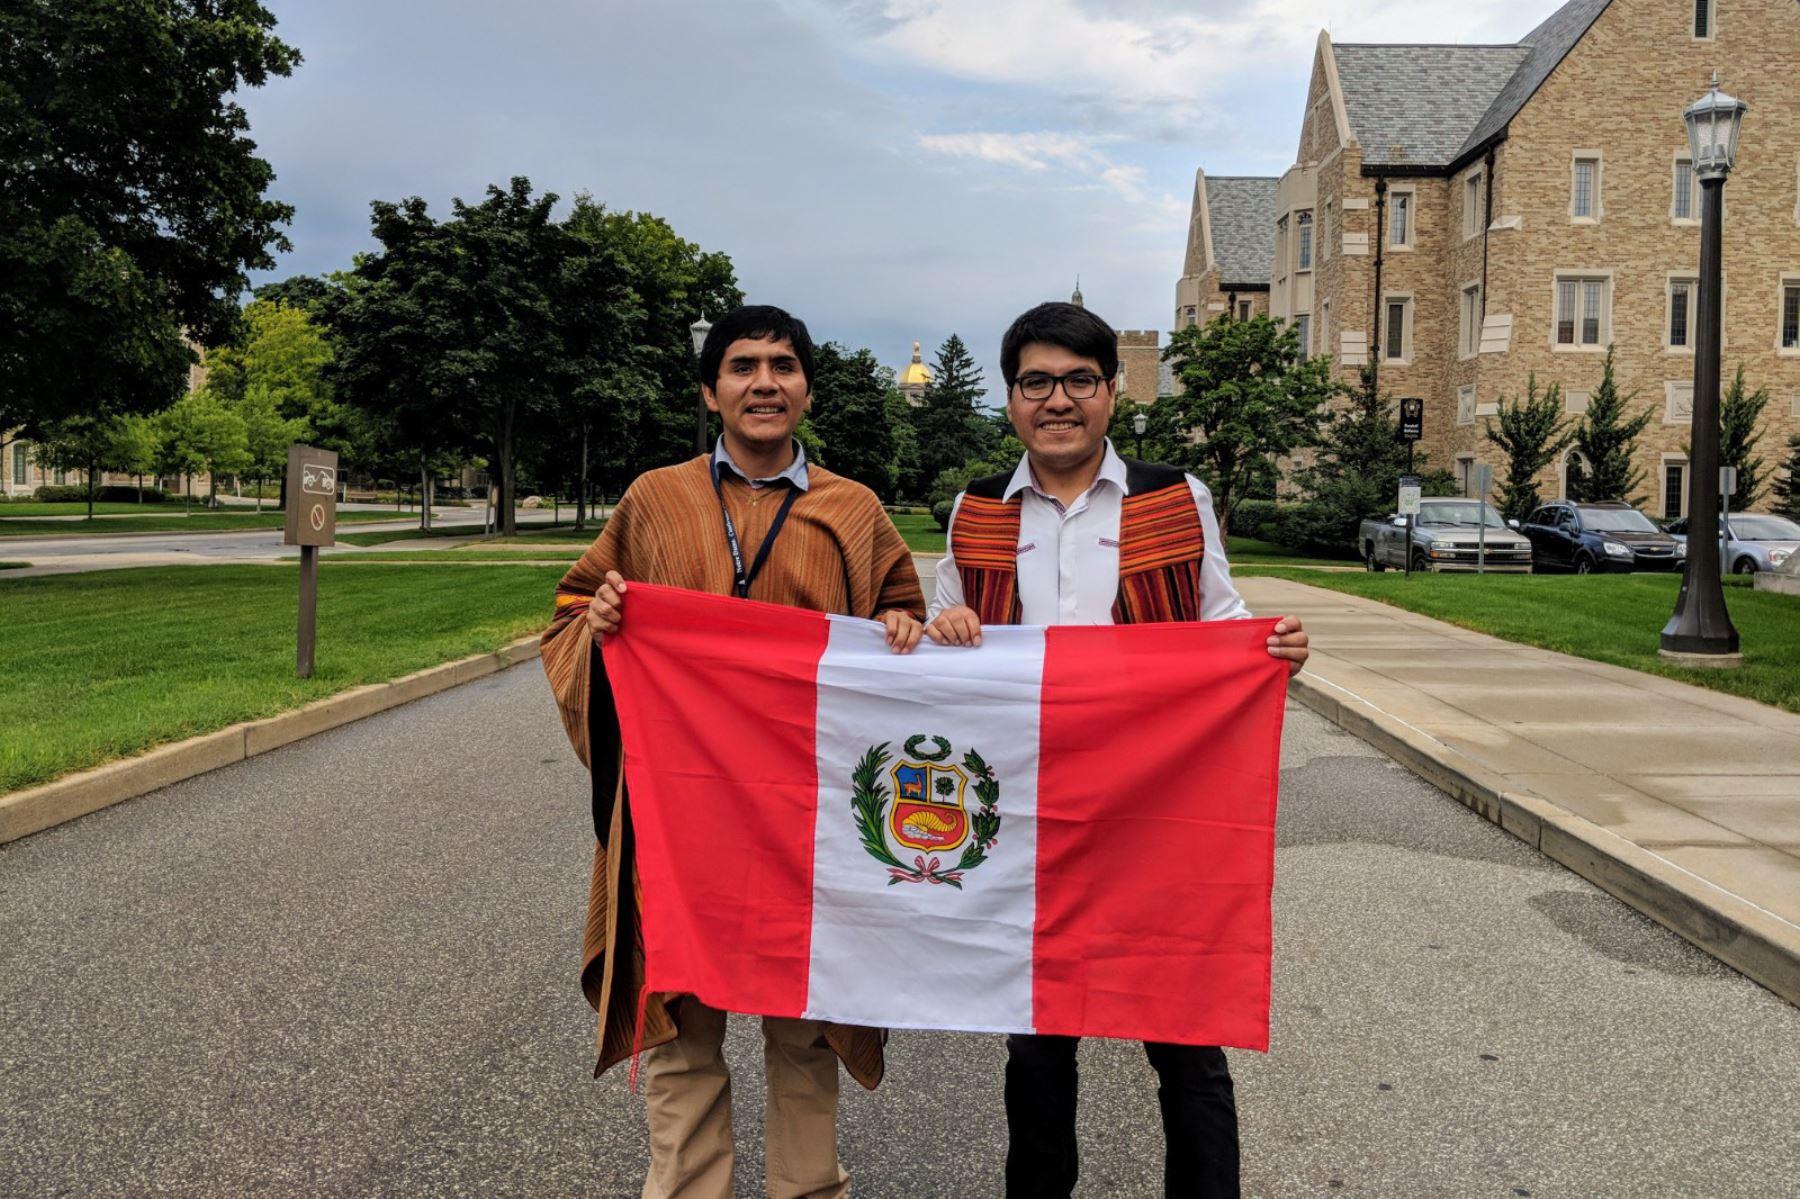 Joven de Apurímac, Jermani Ojeda(izquierda) y Guido Mamani (derecha). Jermani ganó beca completa y estudiará doctorado en EE.UU.; y Guido es otro peruano ganador de la beca FLTA.